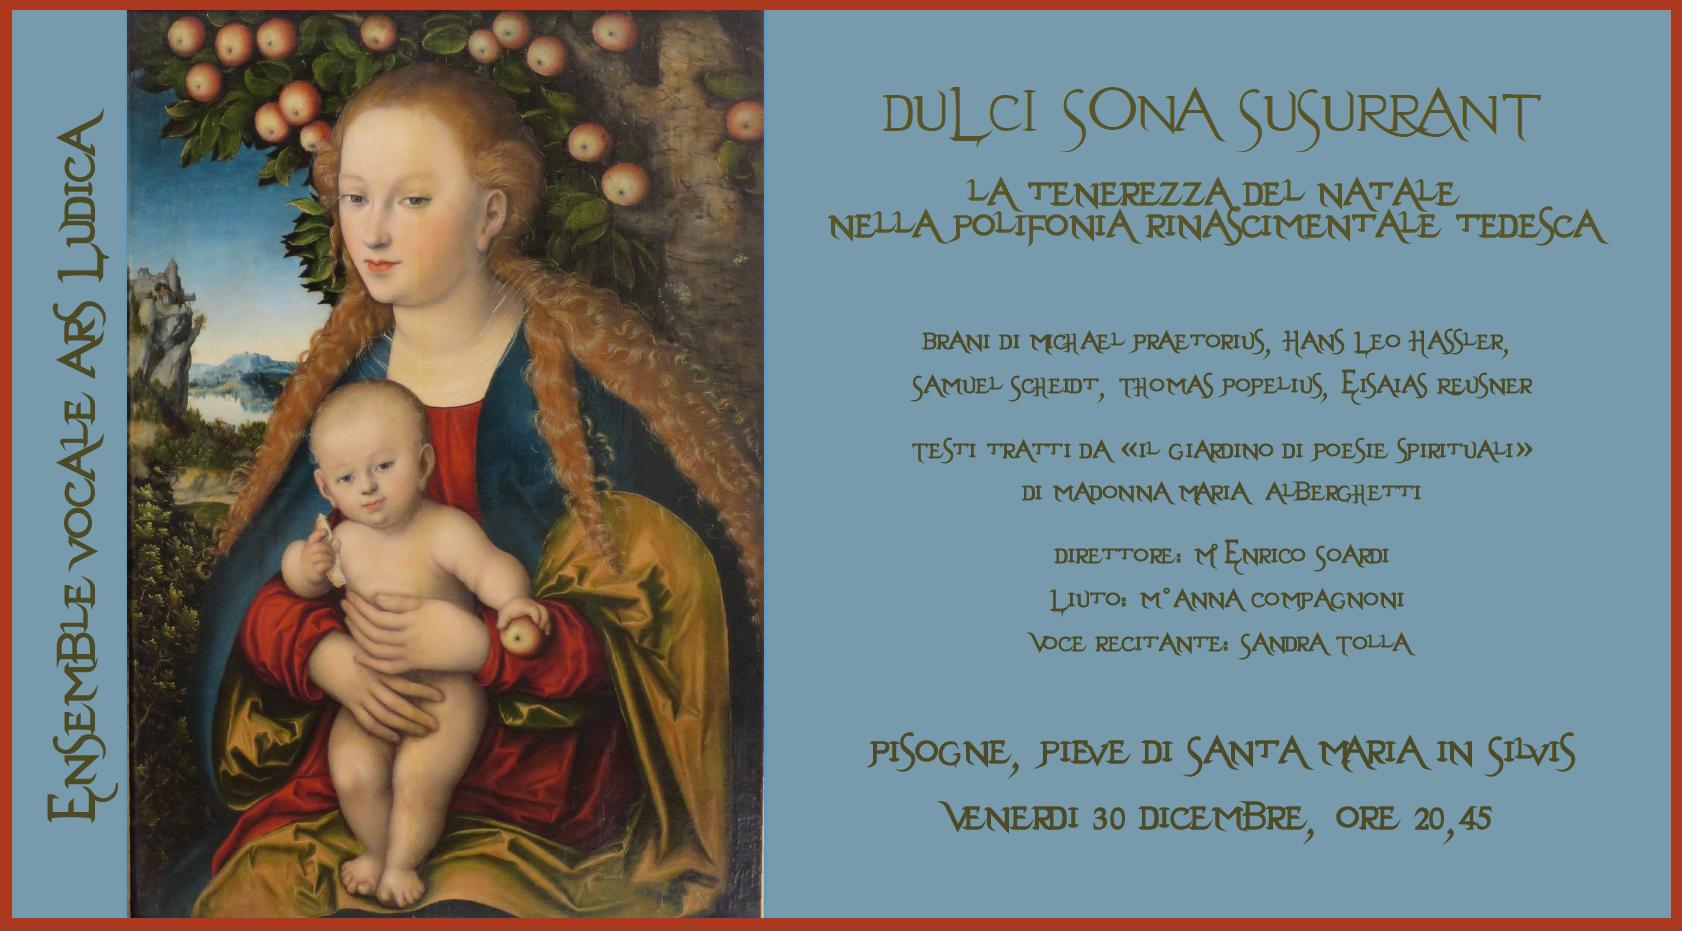 DULCI SONA SUSSURRANT